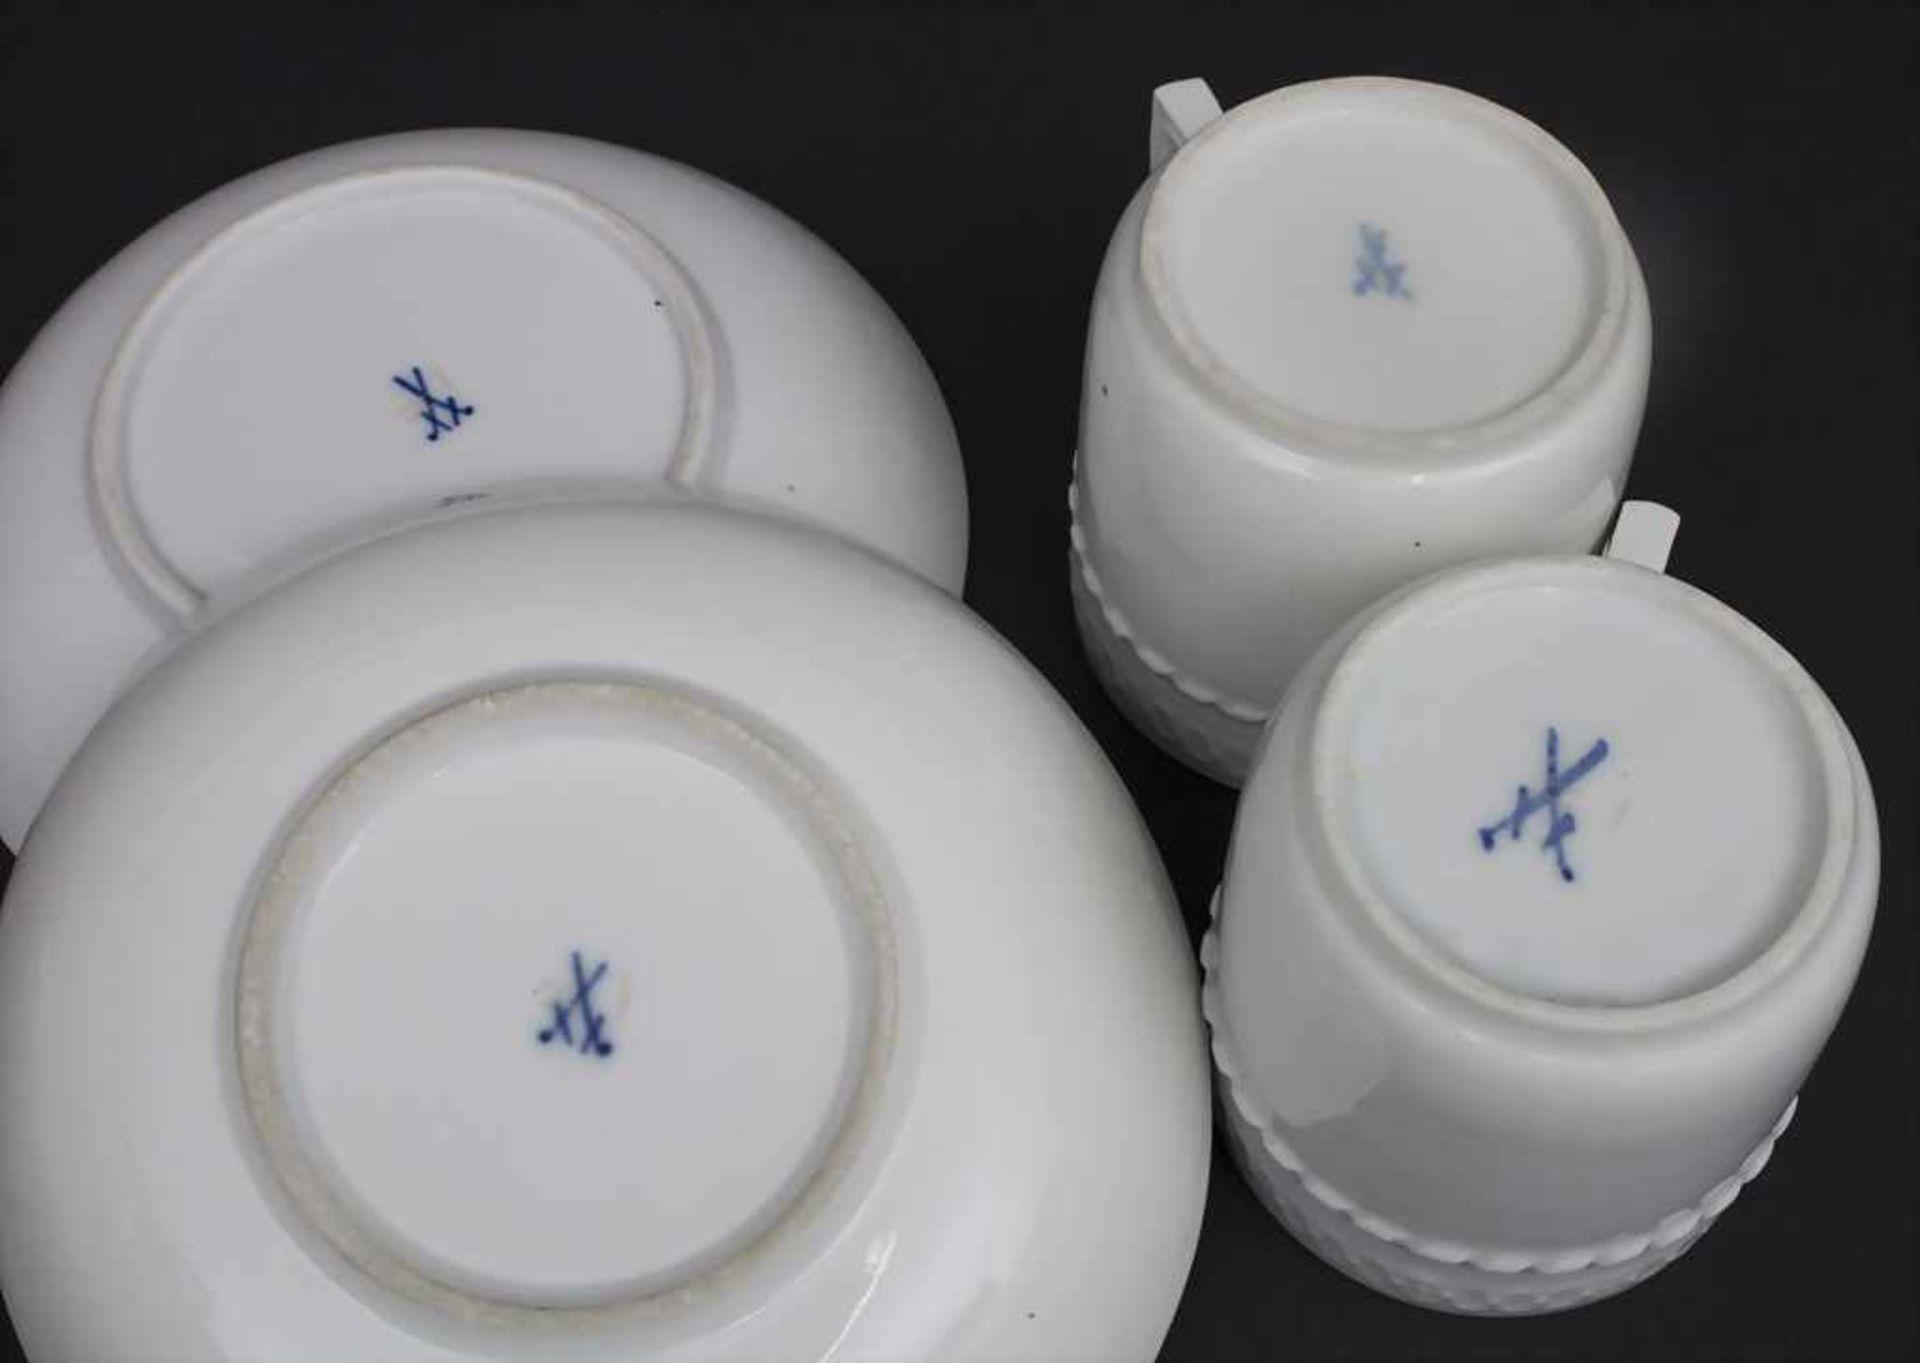 Paar Tassen mit UT / A pair of cups and saucers, Meissen, um 1820 Material: Porzellan, weiß, - Bild 2 aus 2